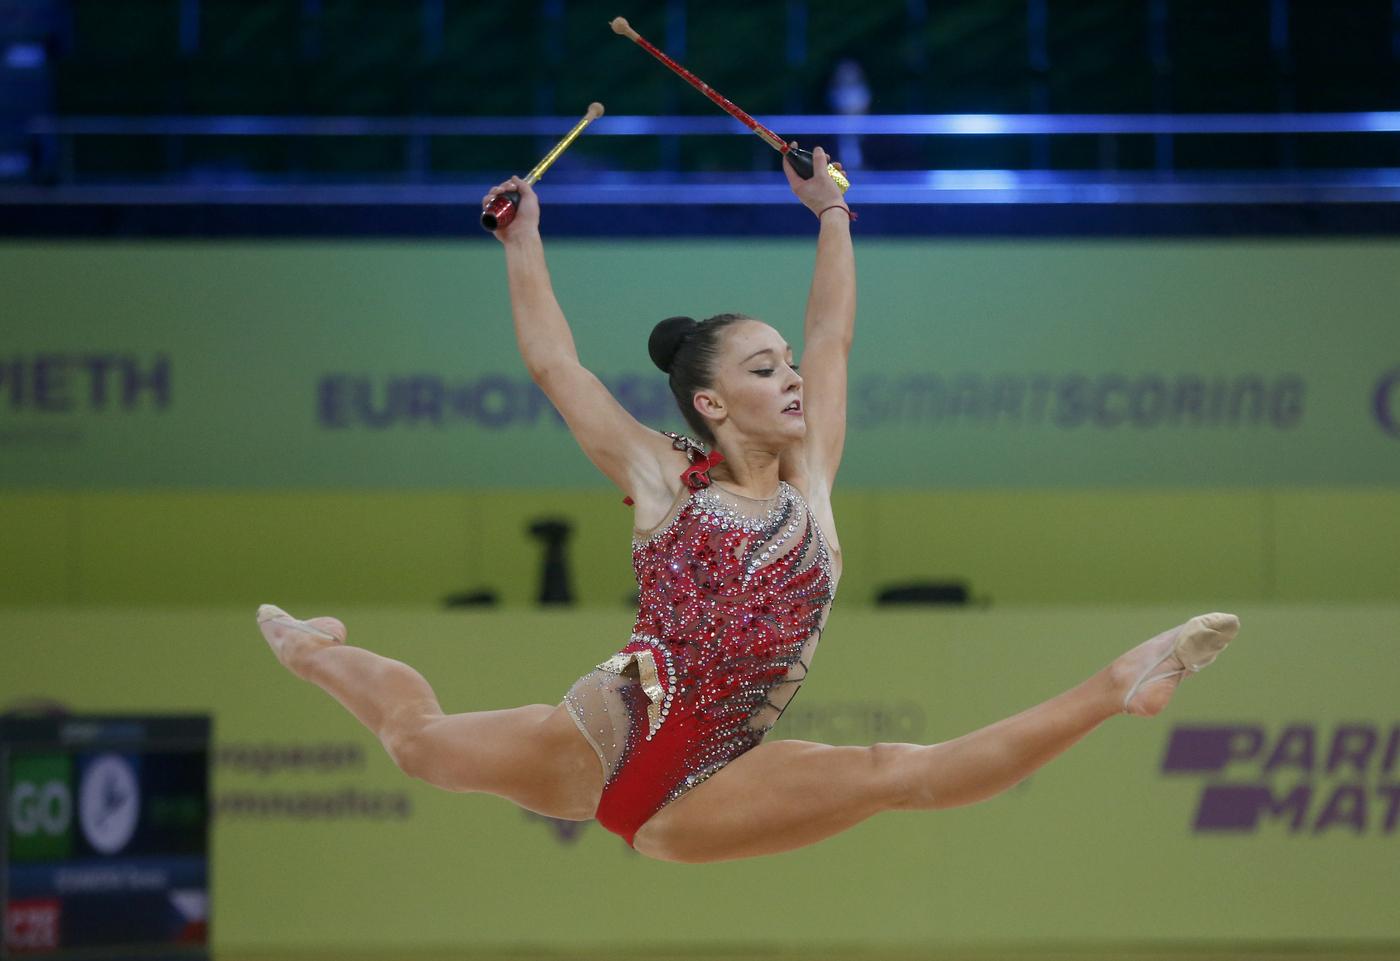 Ginnastica ritmica, Europei 2020: Ucraina e Turchia vincono le Finali di Specialità tra i gruppi. L'assenza delle big si sente